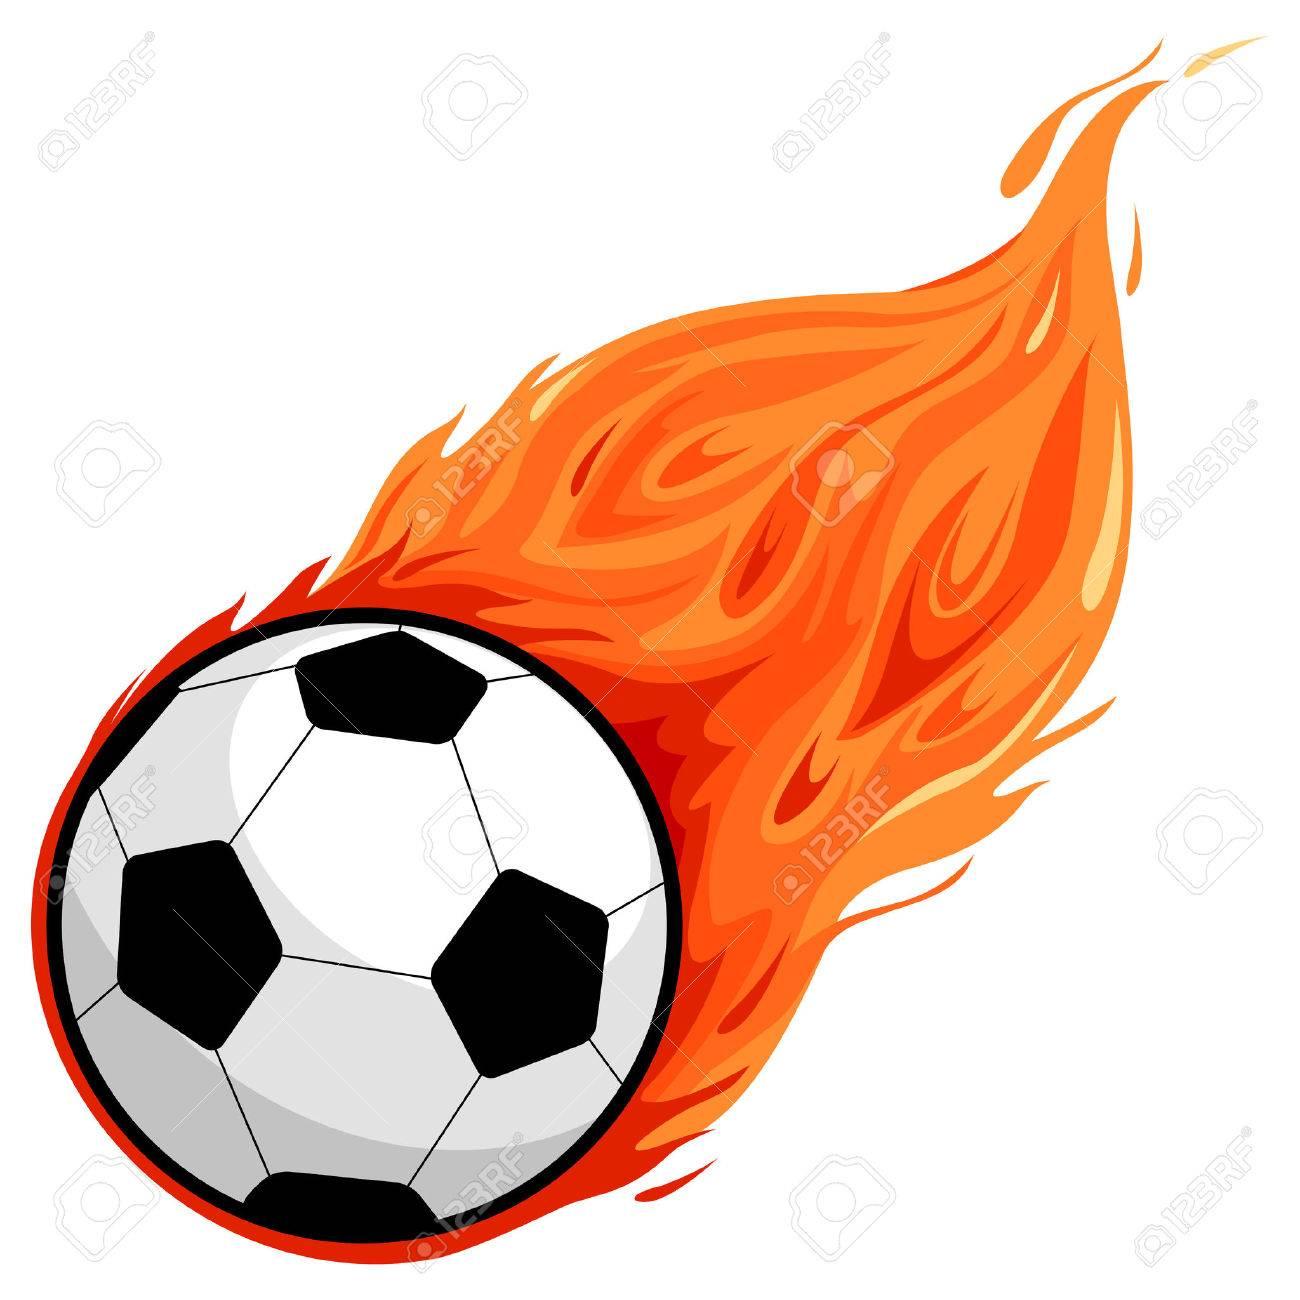 Soccer ball on fire - 43474610